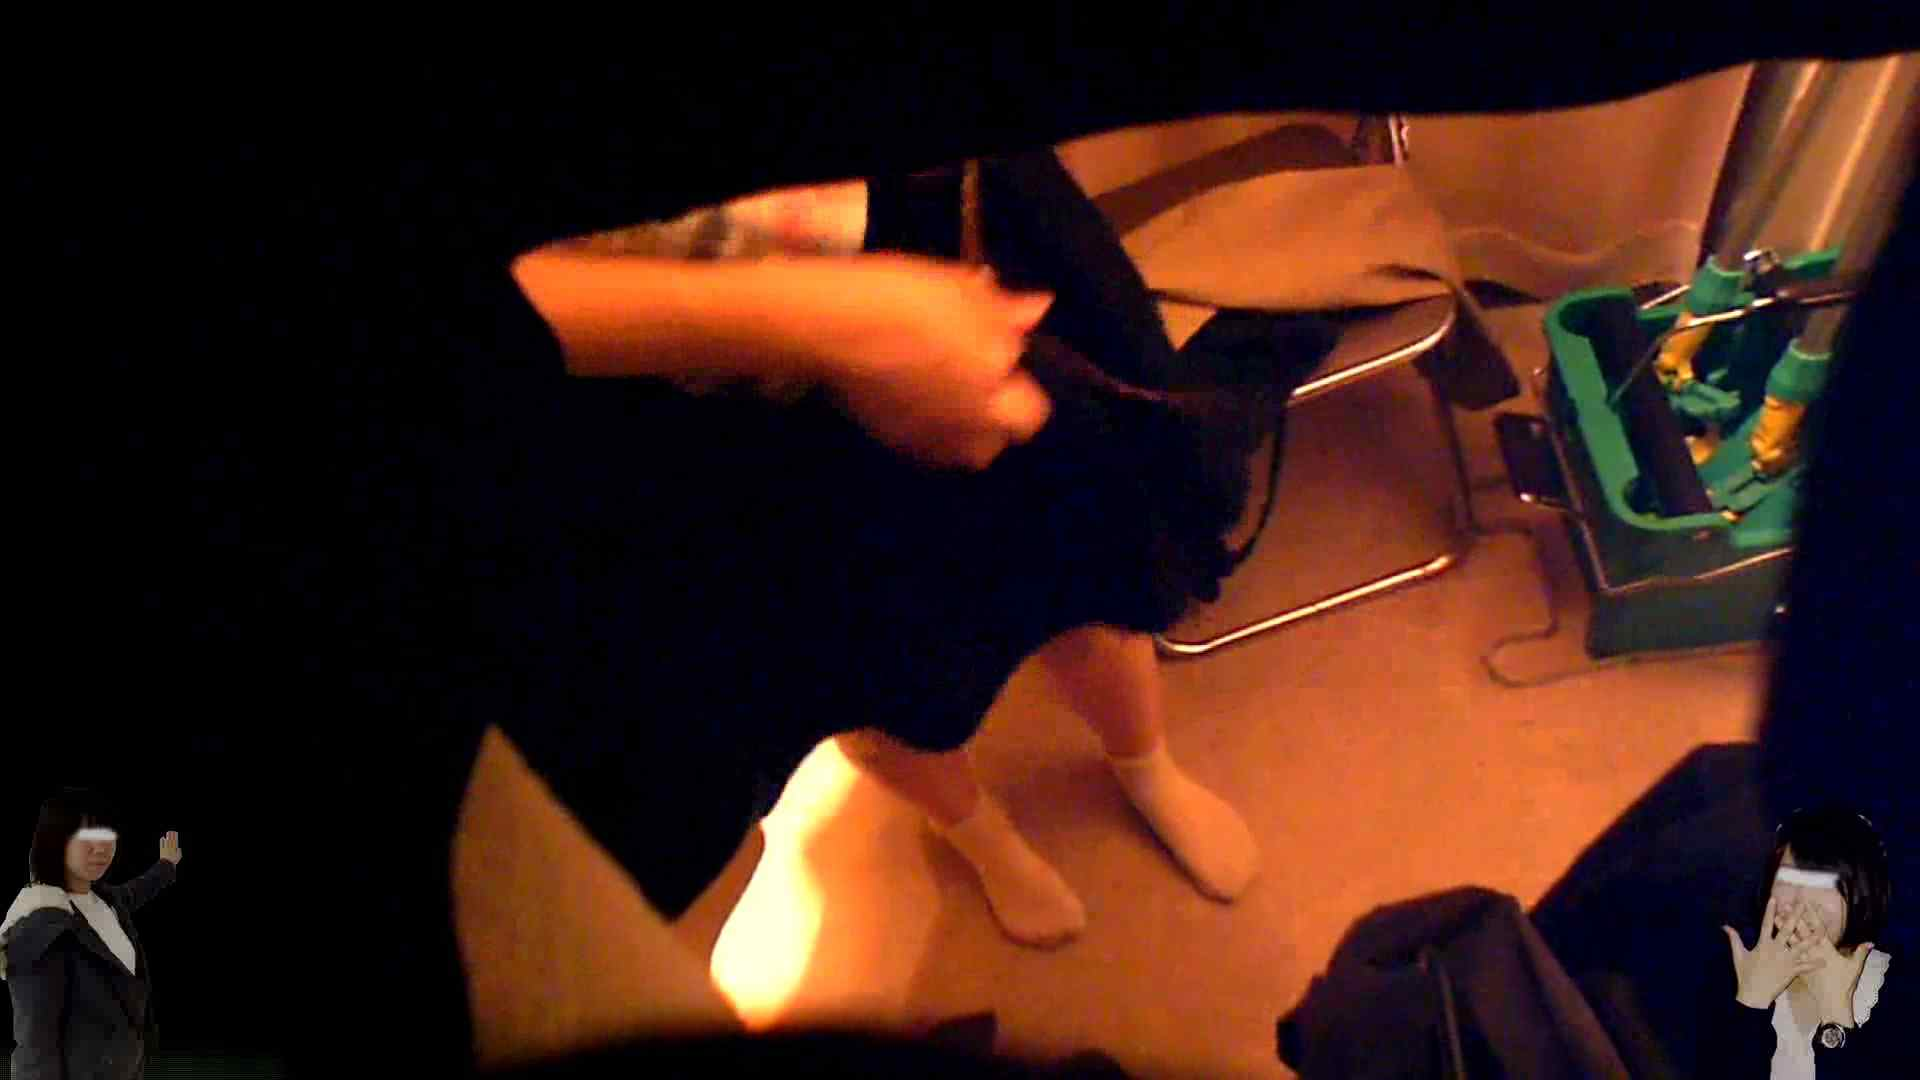 素人投稿 現役「JD」Eちゃんの着替え Vol.04 素人丸裸 おまんこ無修正動画無料 107pic 74